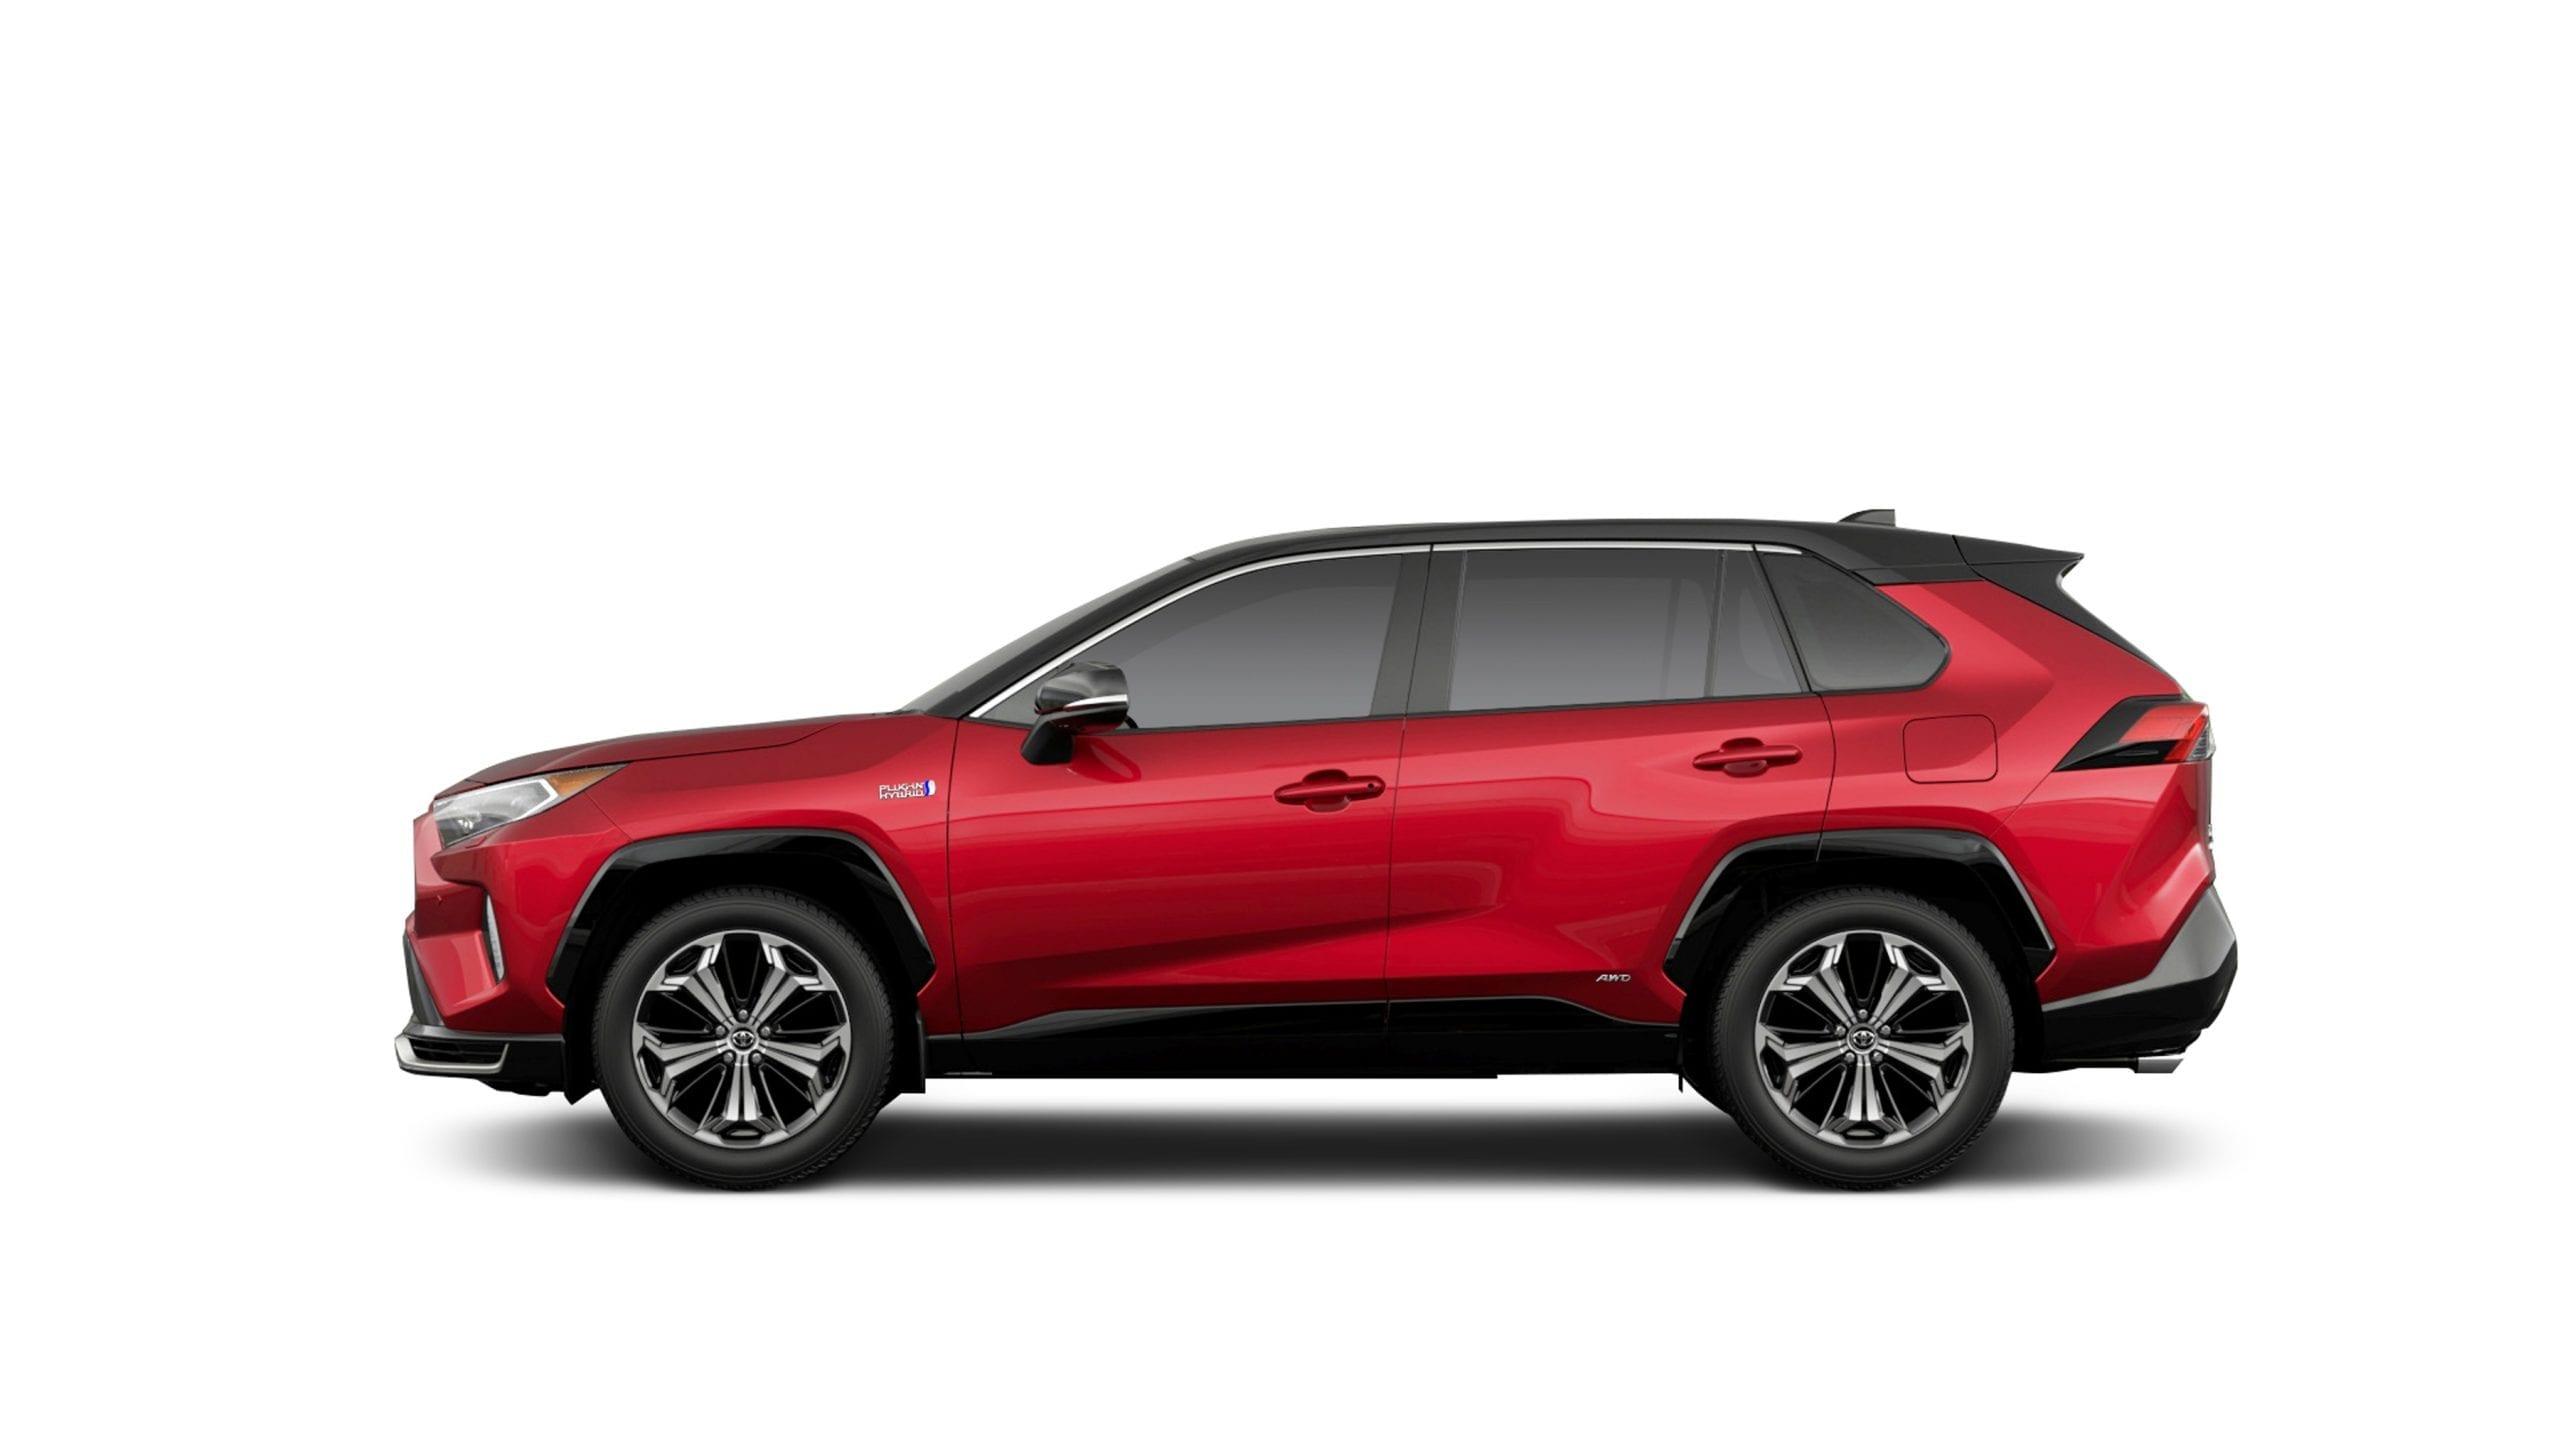 2021 toyota rav4 hybrid red side profile studio shot